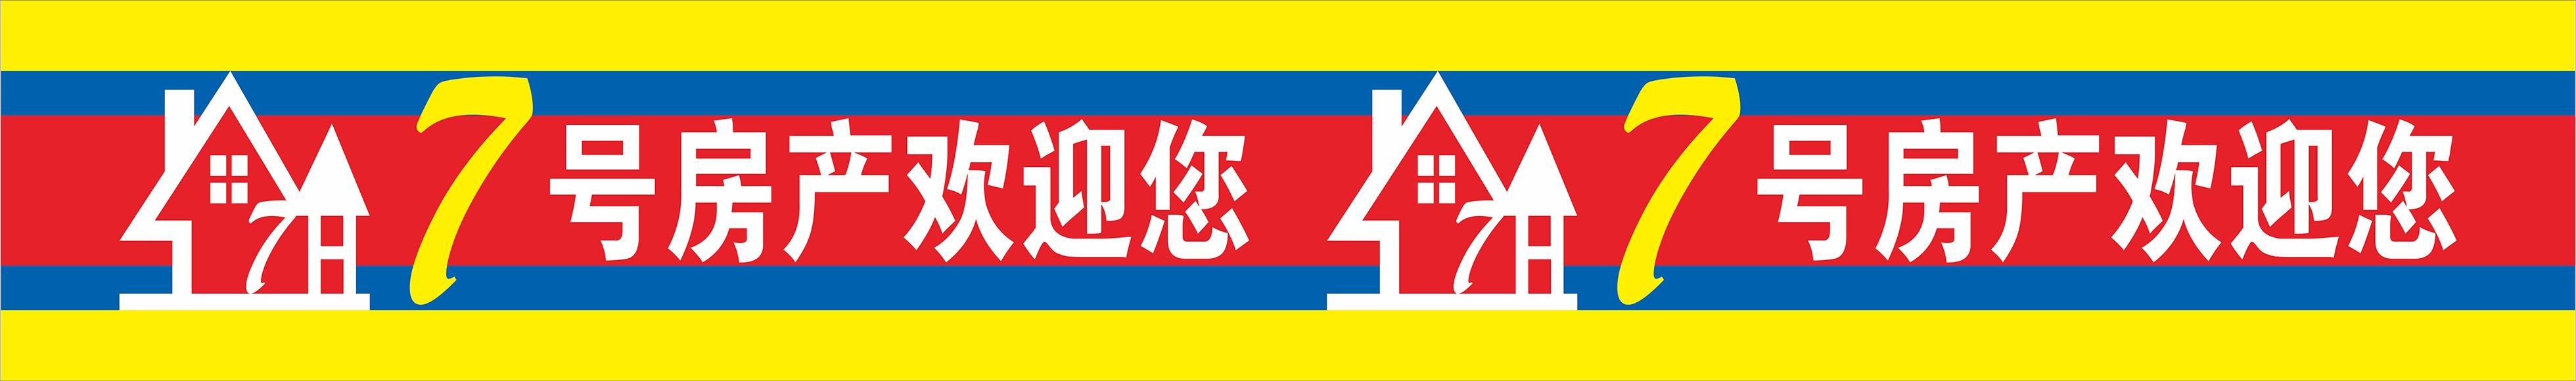 7号房产-公司主页-荣昌找工作